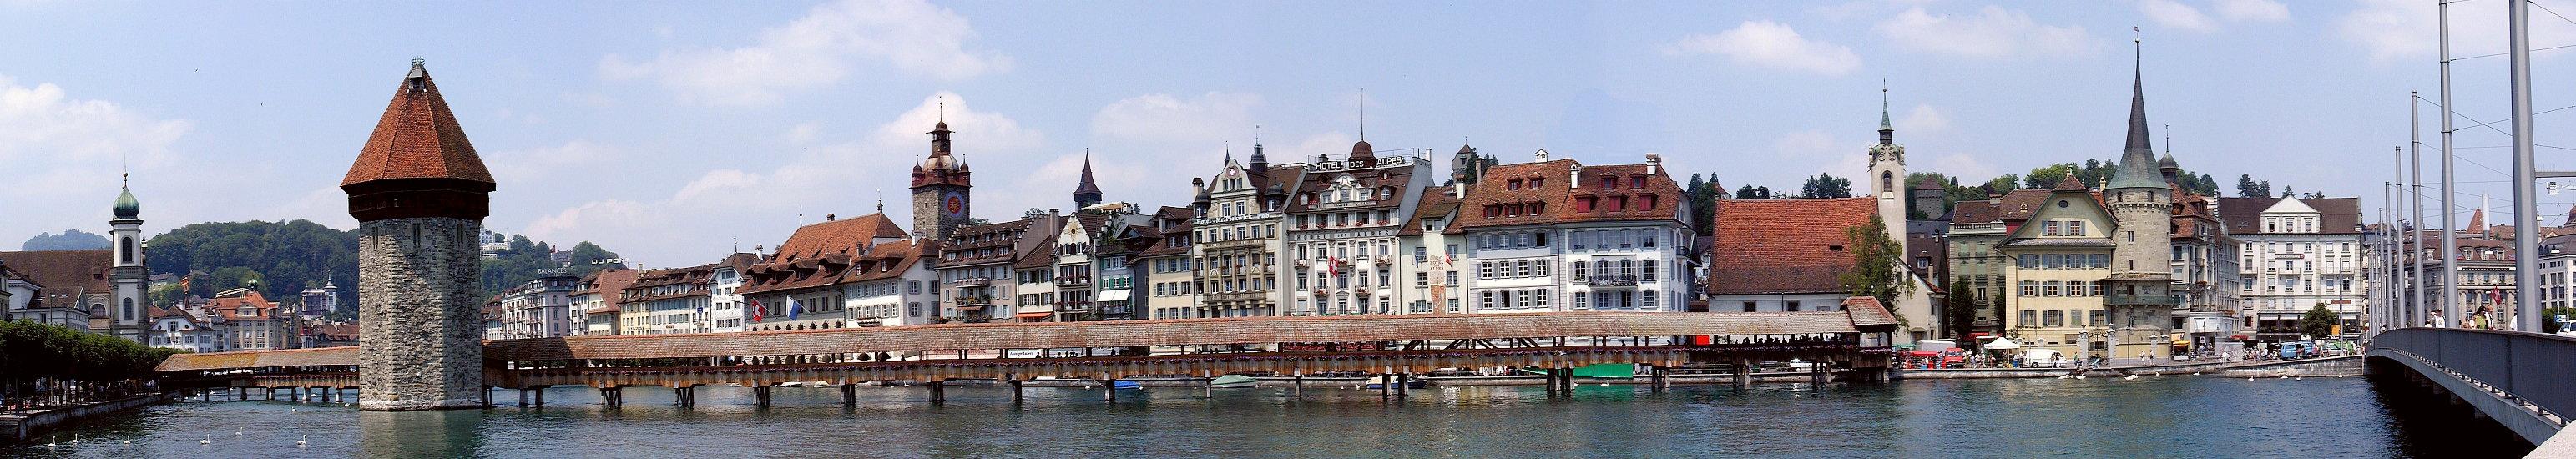 Lucerne - Chapel Bridge